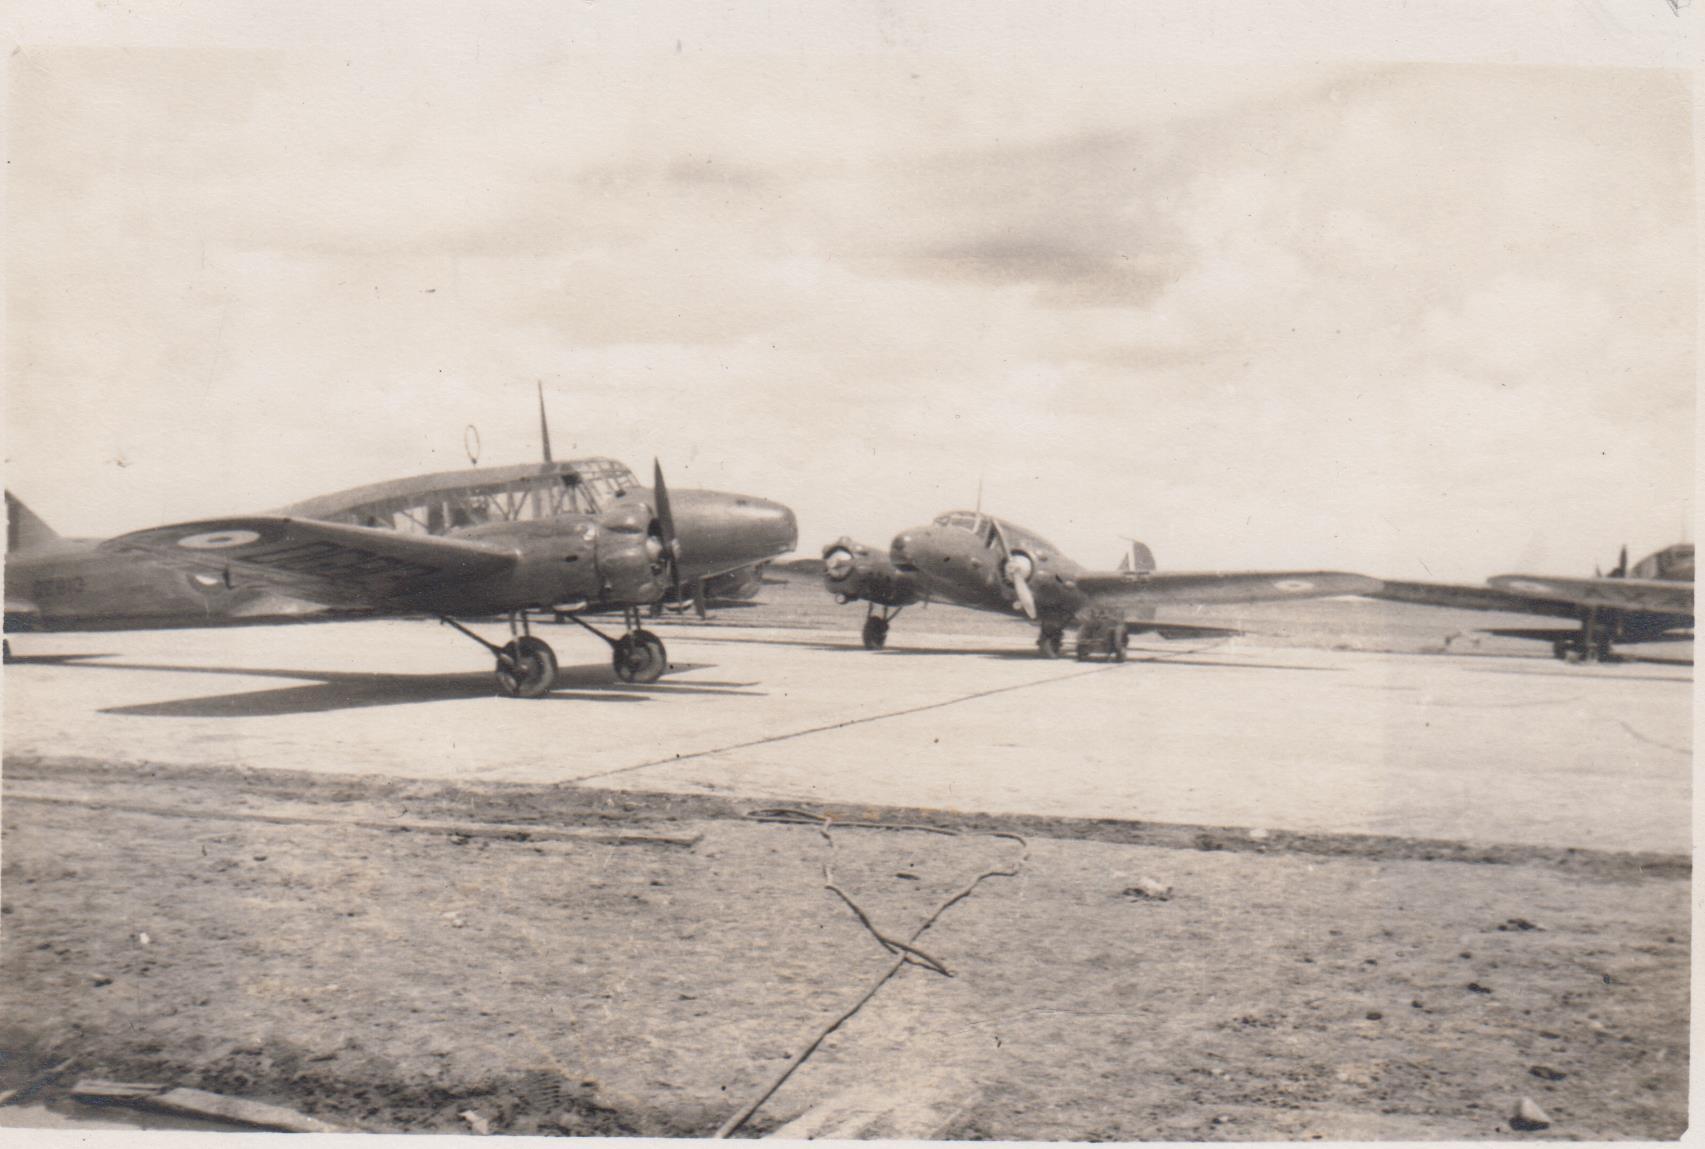 pim_weyburn_planes_on_runway_june_1942_001.jpg